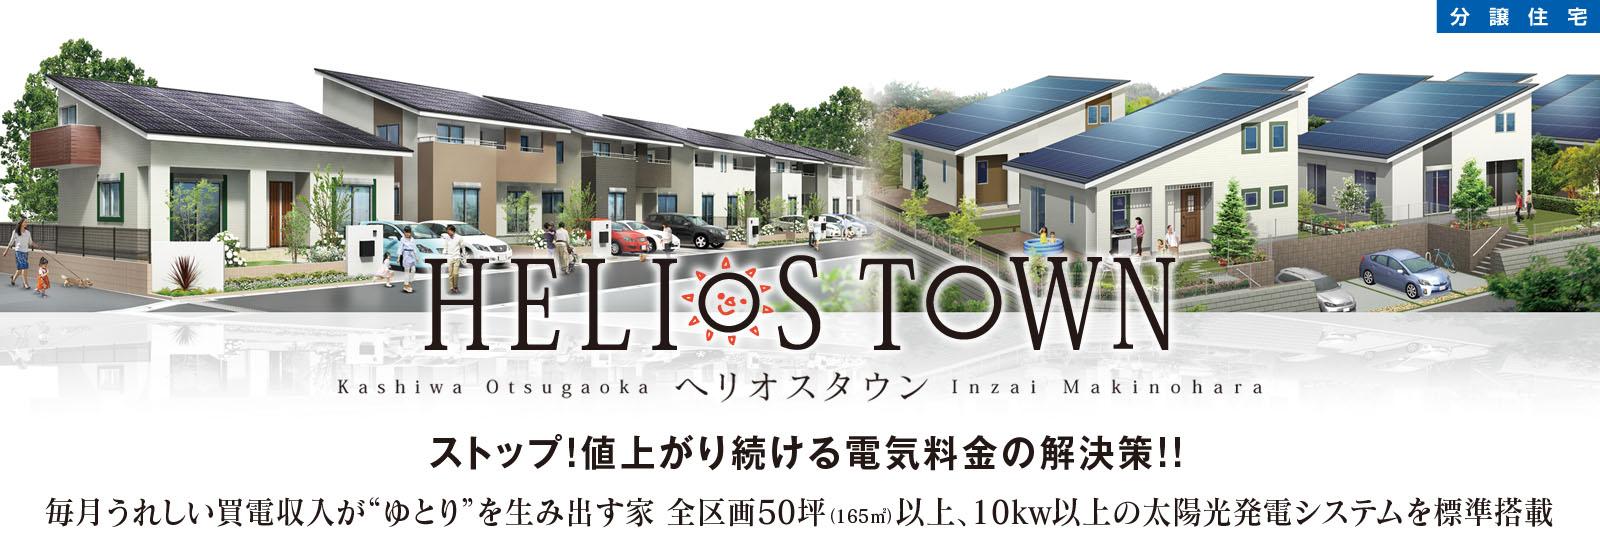 """Helios Town ヘリオスタウン ストップ!値上がり続ける電気料金の解決策!!毎月うれしい買電収入が""""ゆとり""""を生み出す家 全区画50坪(165㎡)以上、10kw以上の太陽光発電システムを標準搭載"""